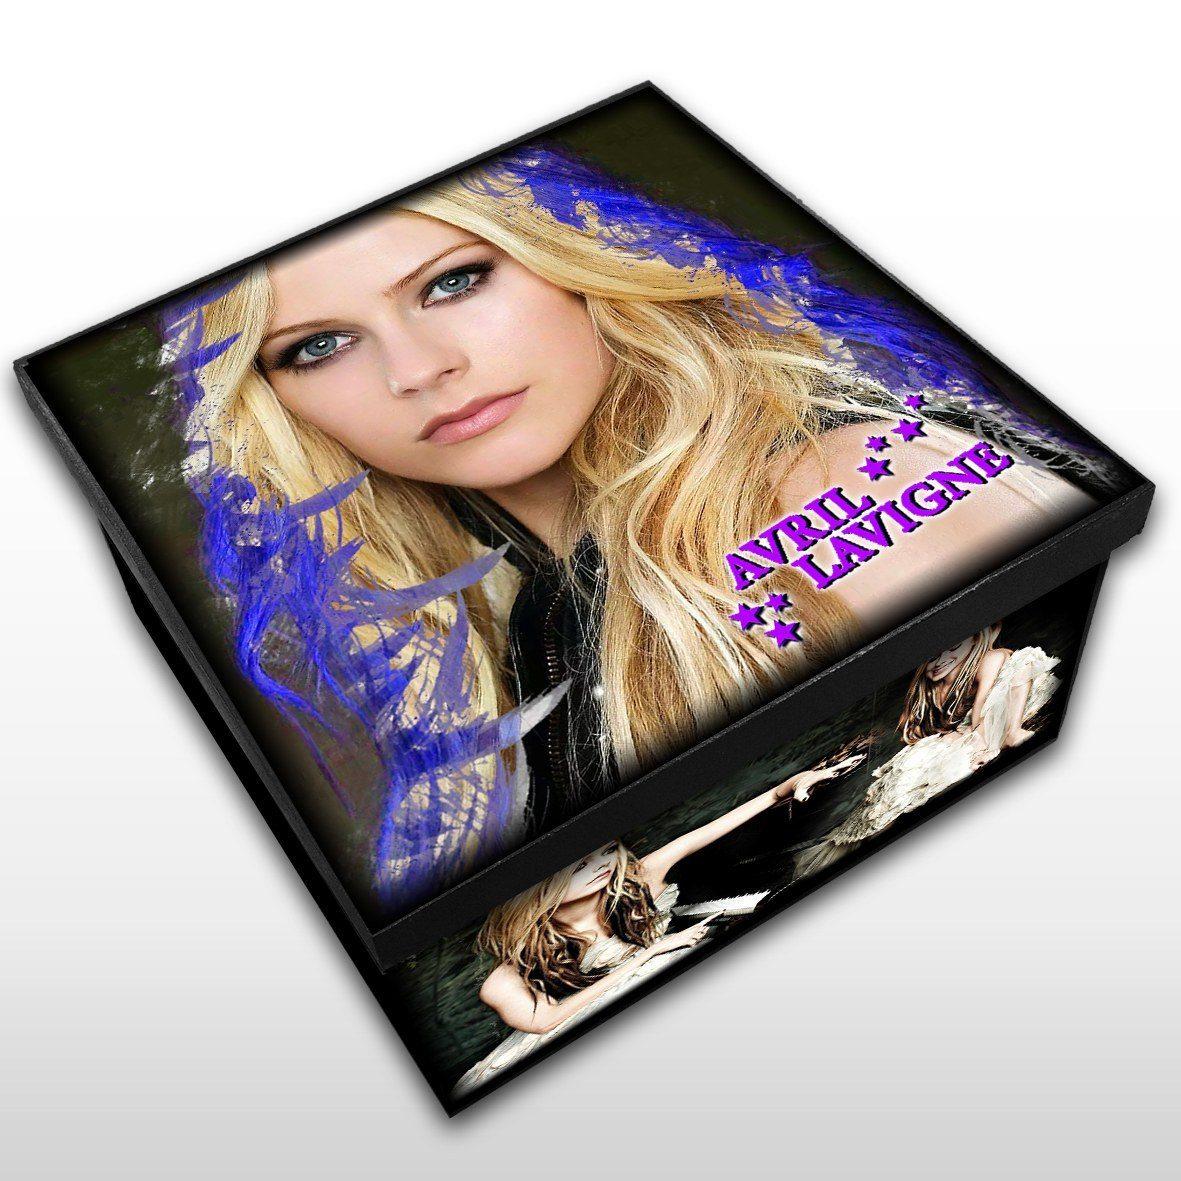 Avril Lavigne - Caixa Organizadora em Madeira MDF - Tamanho Médio - Mr. Rock